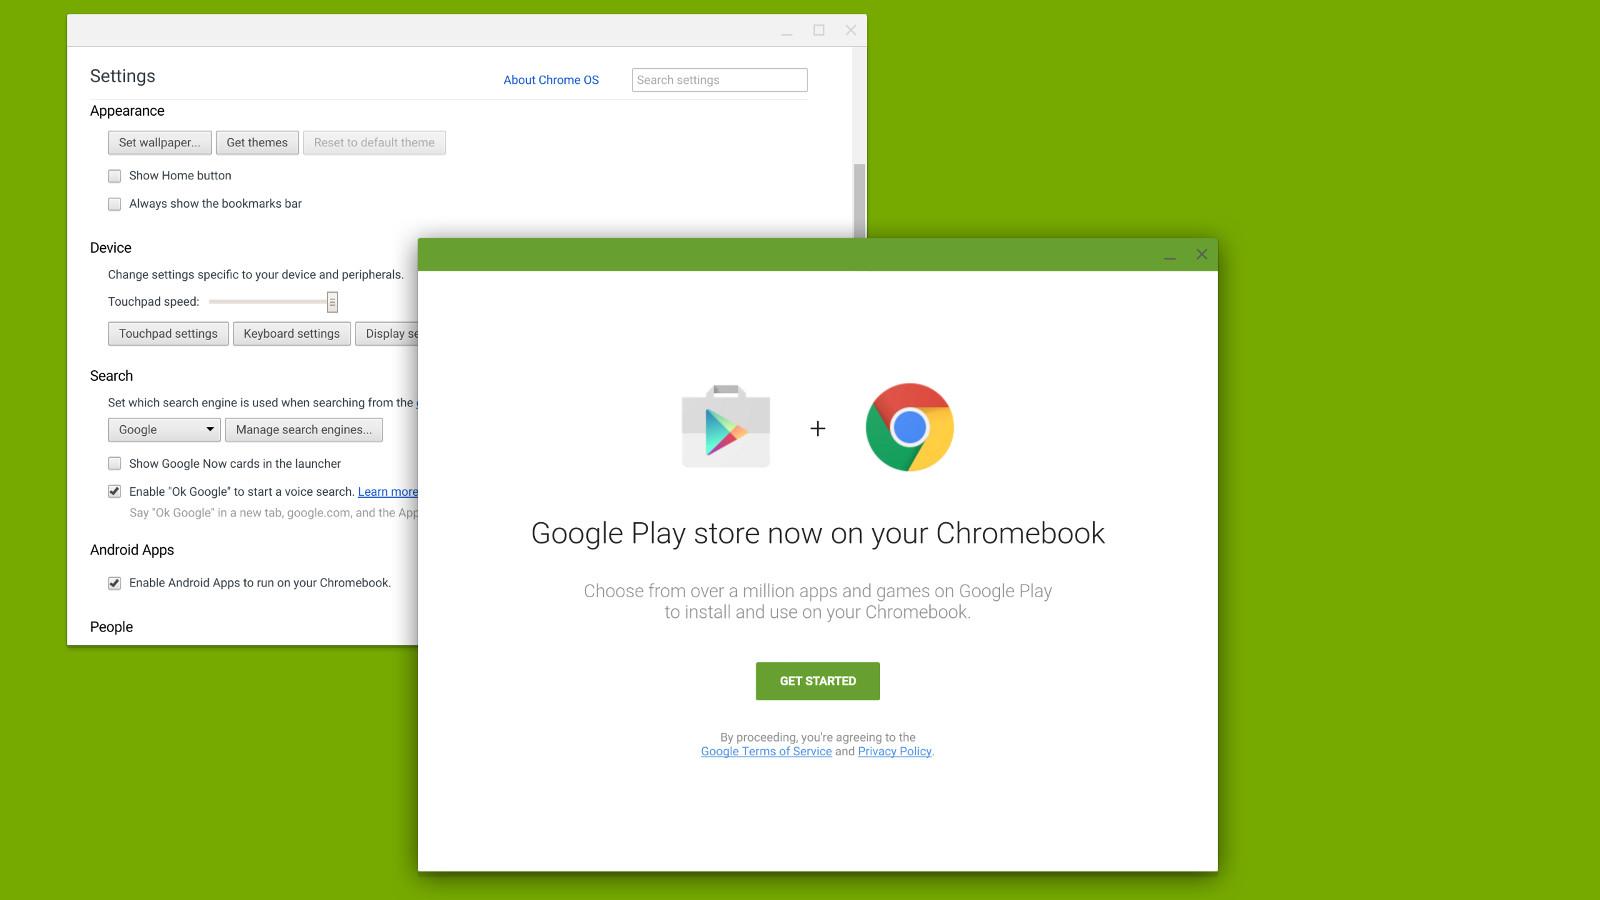 google chrome os play store 1600